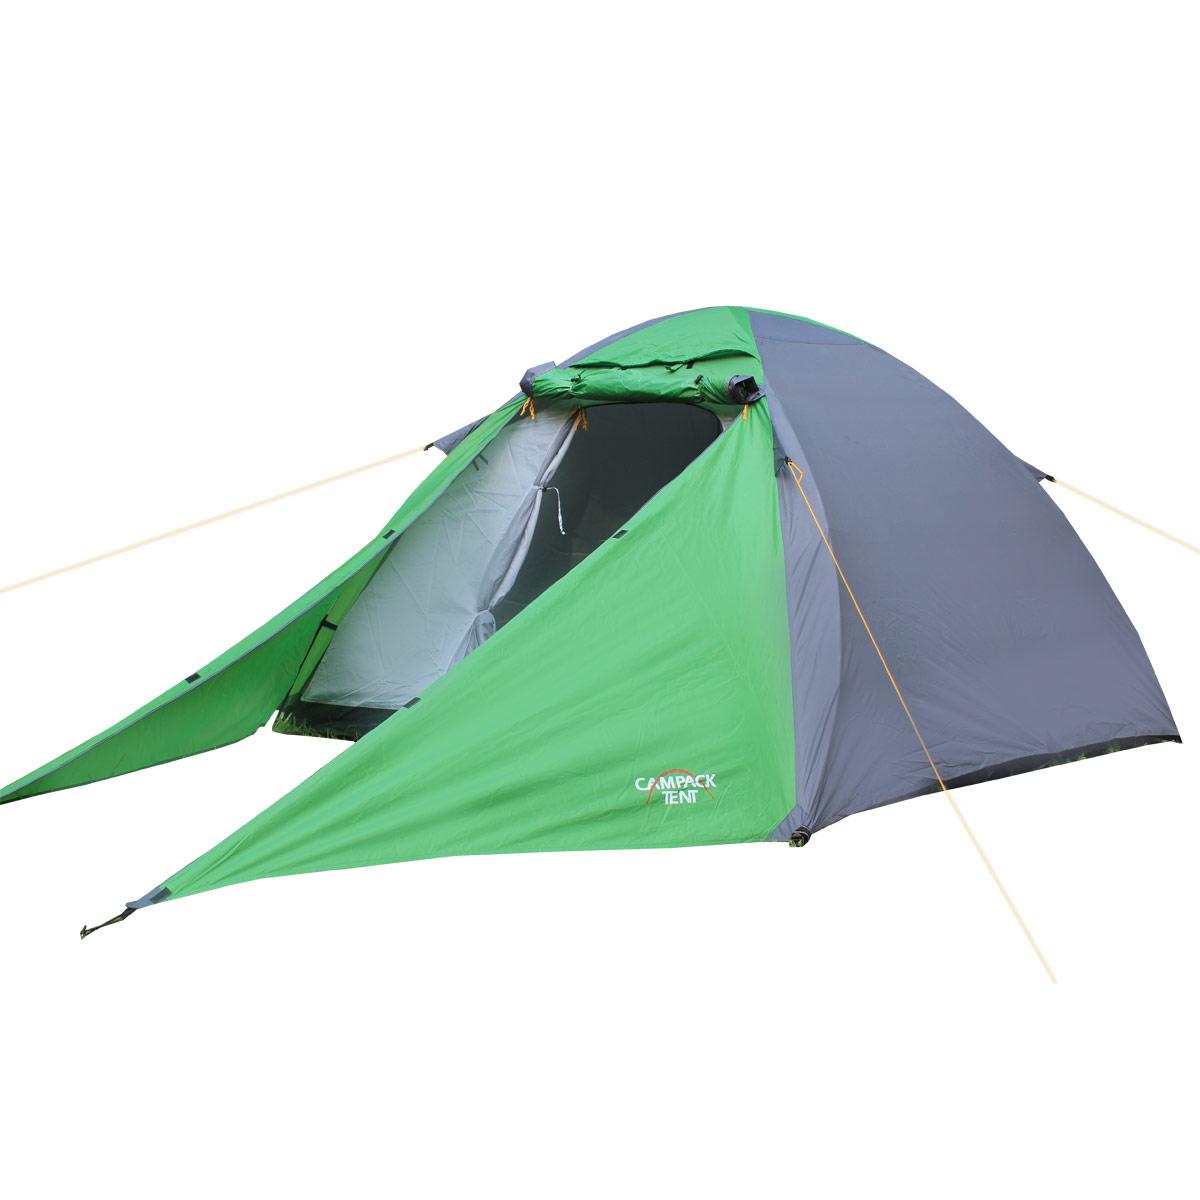 Палатка Campack Tent Forest Explorer 2, цвет: серо-зеленый37639Campack Tent Forest Explorer 2 - универсальная купольная палатка для несложных походов и семейного отдыхана природе.Высокопрочное дно изготовлено из армированного полиэтилена, не пропускаетвлагу и устойчиво к истиранию.Каркас, изготовленный из фибергласа, обеспечивает надежность и устойчивость.Палатка оснащена увеличенными вентиляционными окнами, клапаном от косогодождя и двухслойным входом с цветными молниями.Дополнительный пол в тамбуре позволяет обеспечить больший комфорт приэксплуатации.Внутри палатки имеется подвеска для фонаря и карманы для хранения мелочей.Проклеенные швы гарантируют герметичность и надежность в любой ситуации.Материал тента: 190T P. Taffeta PU;Материал дна: Tarpauling;Материал дуг: фиберглас, 8,5 мм.